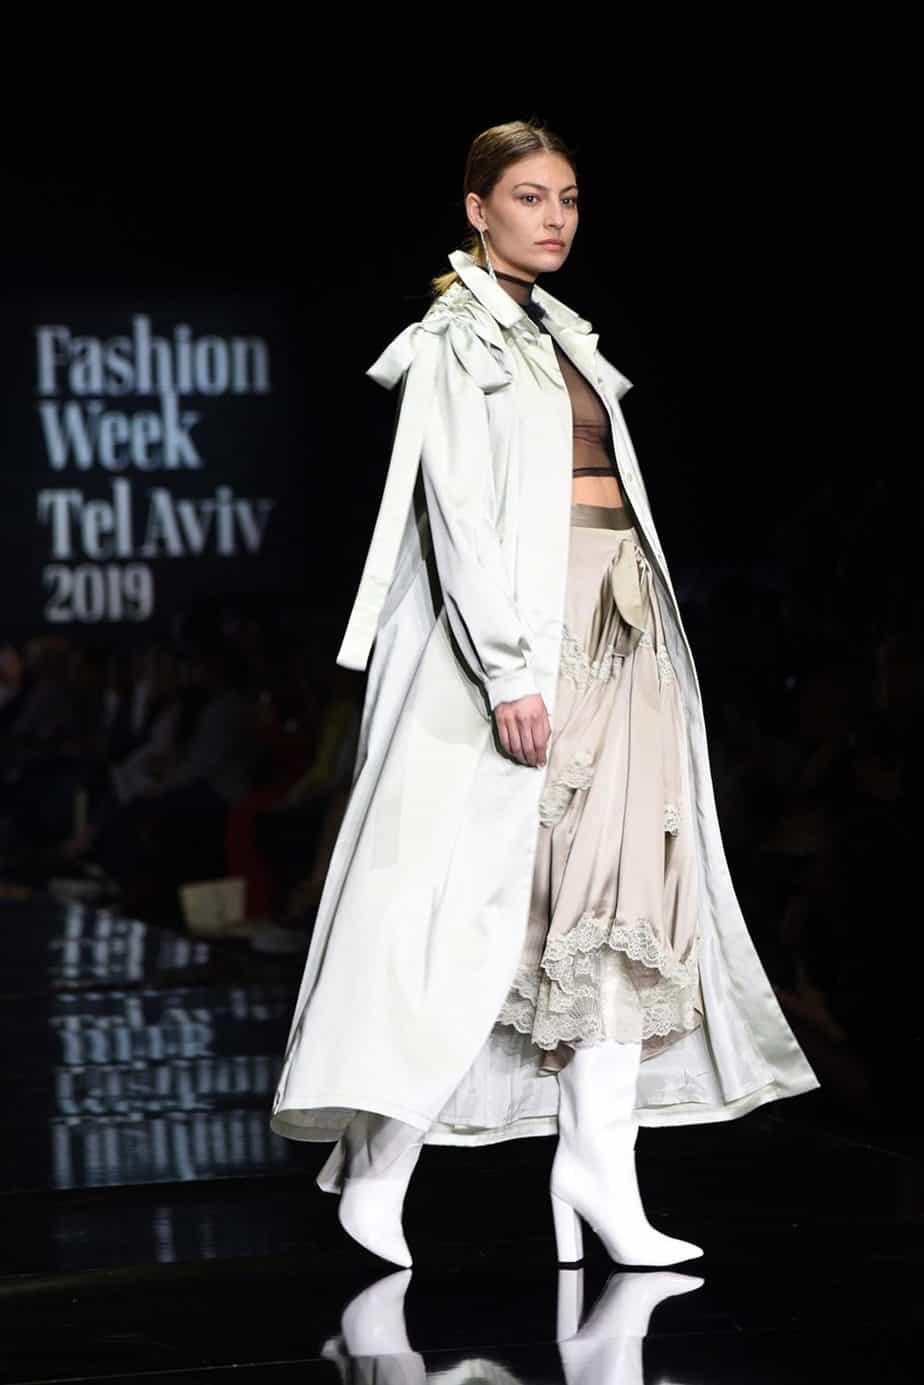 שירלי לסרי ל״פטי פואה״. חממת מפעל הפיס. שבוע האופנה תל אביב 2019. צילום: לימור יערי